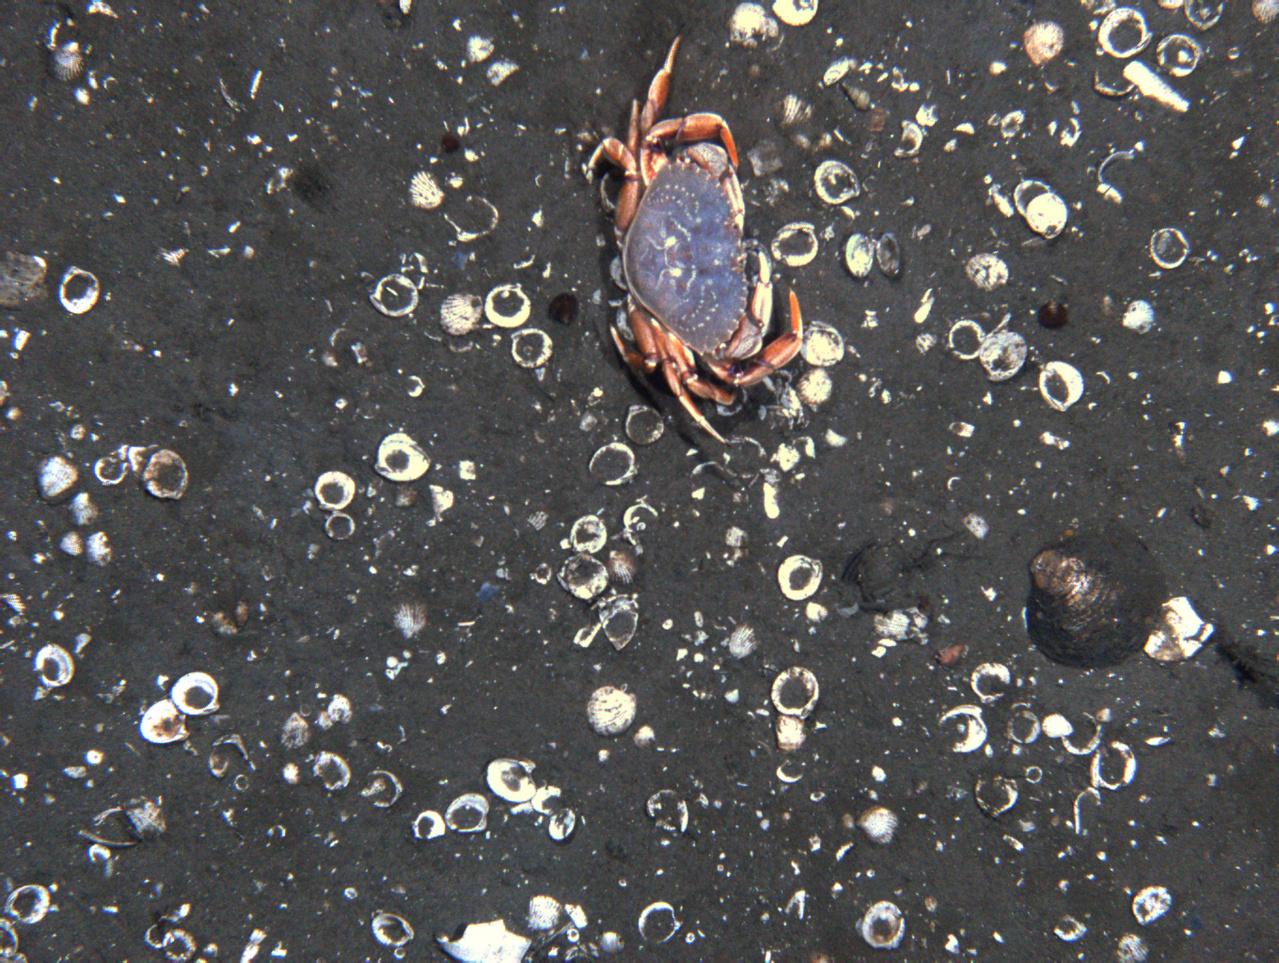 Crab on the ocean floor photo taken by habcam.